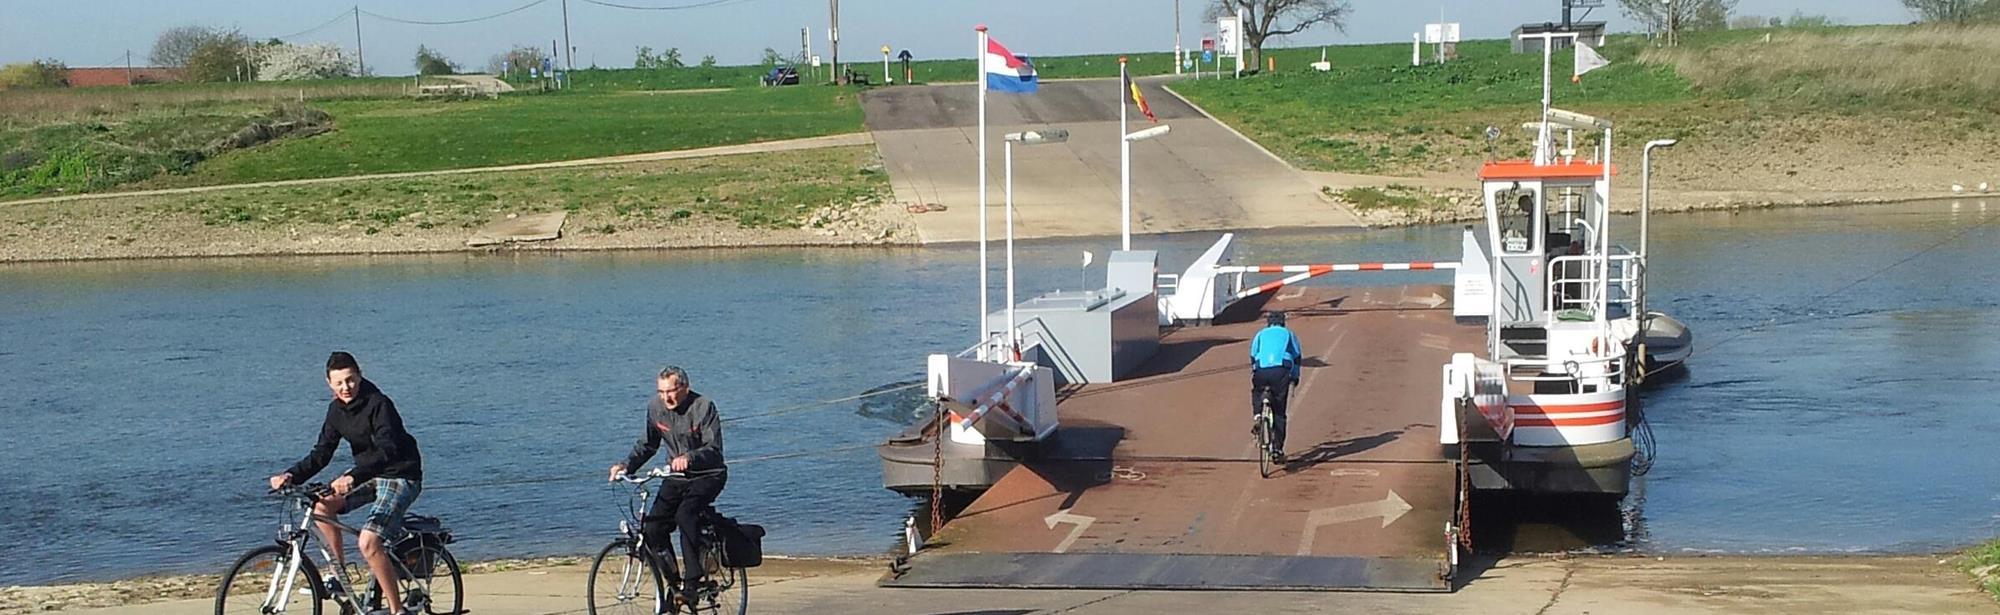 Voet- en fietsveer Hoal Euver II Berg (NL) – Meeswijk (BE)